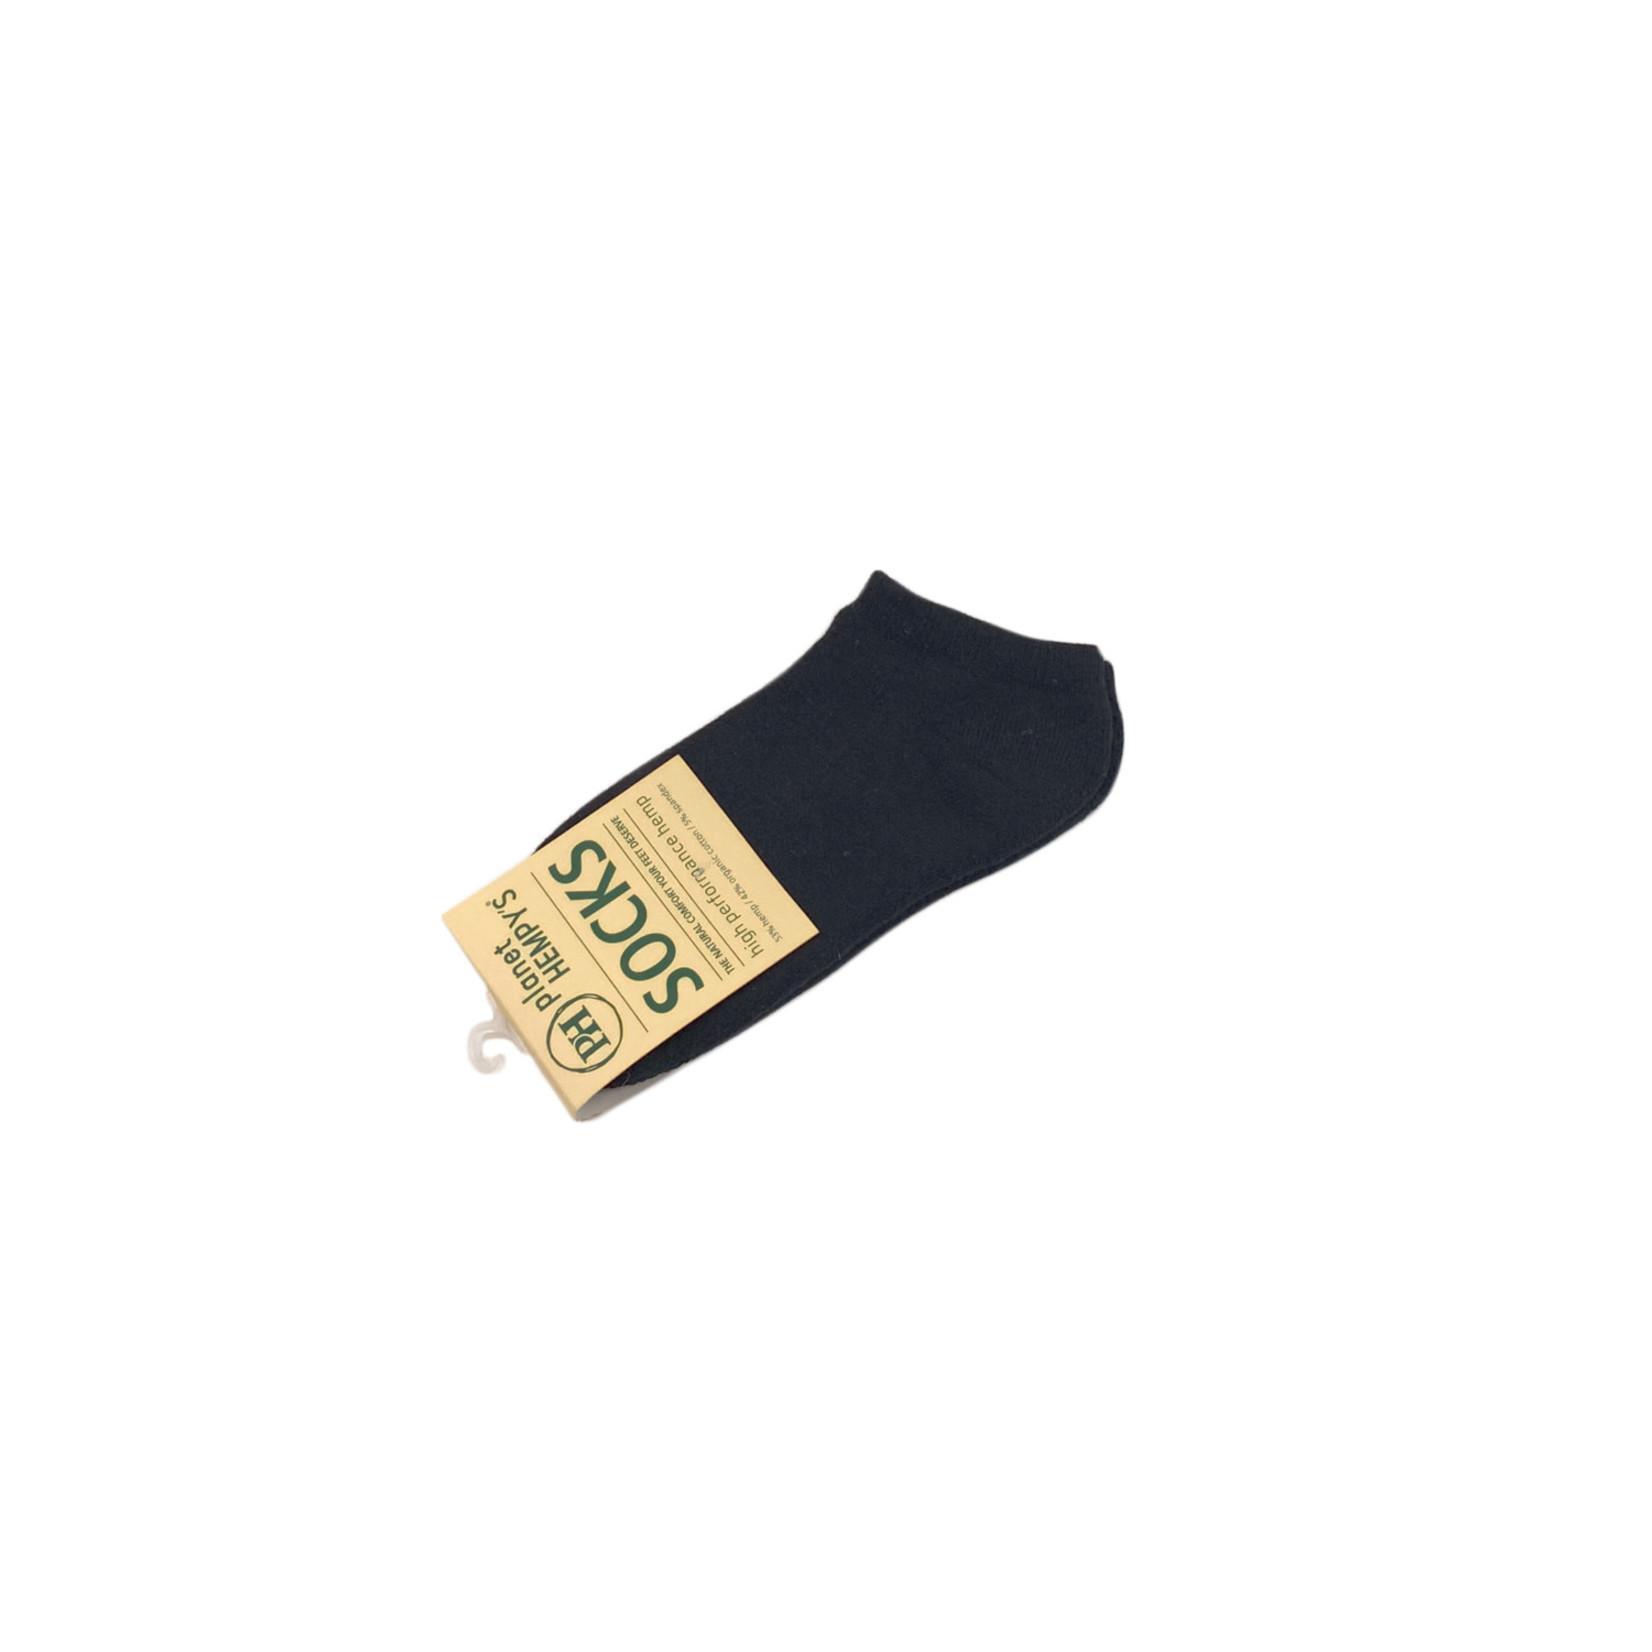 Hempy's Hemp Sport Sock